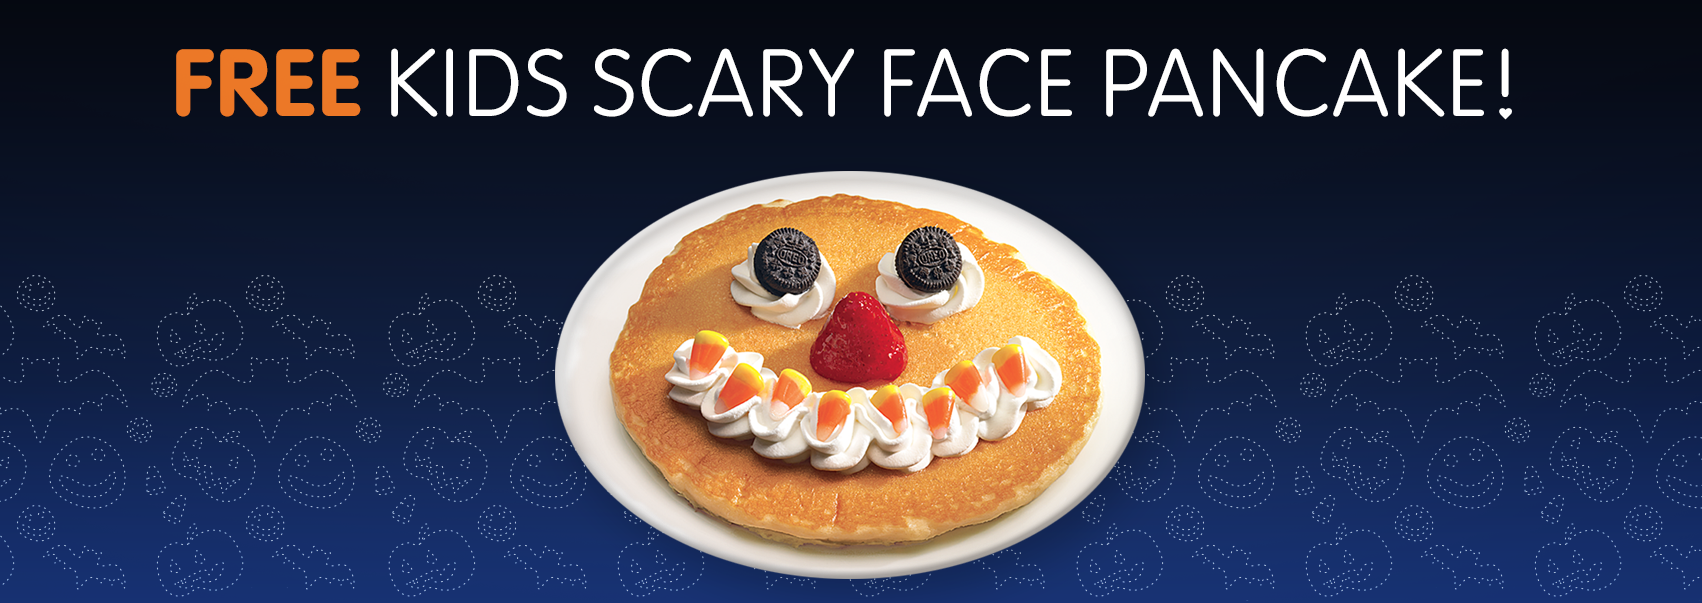 free pancake